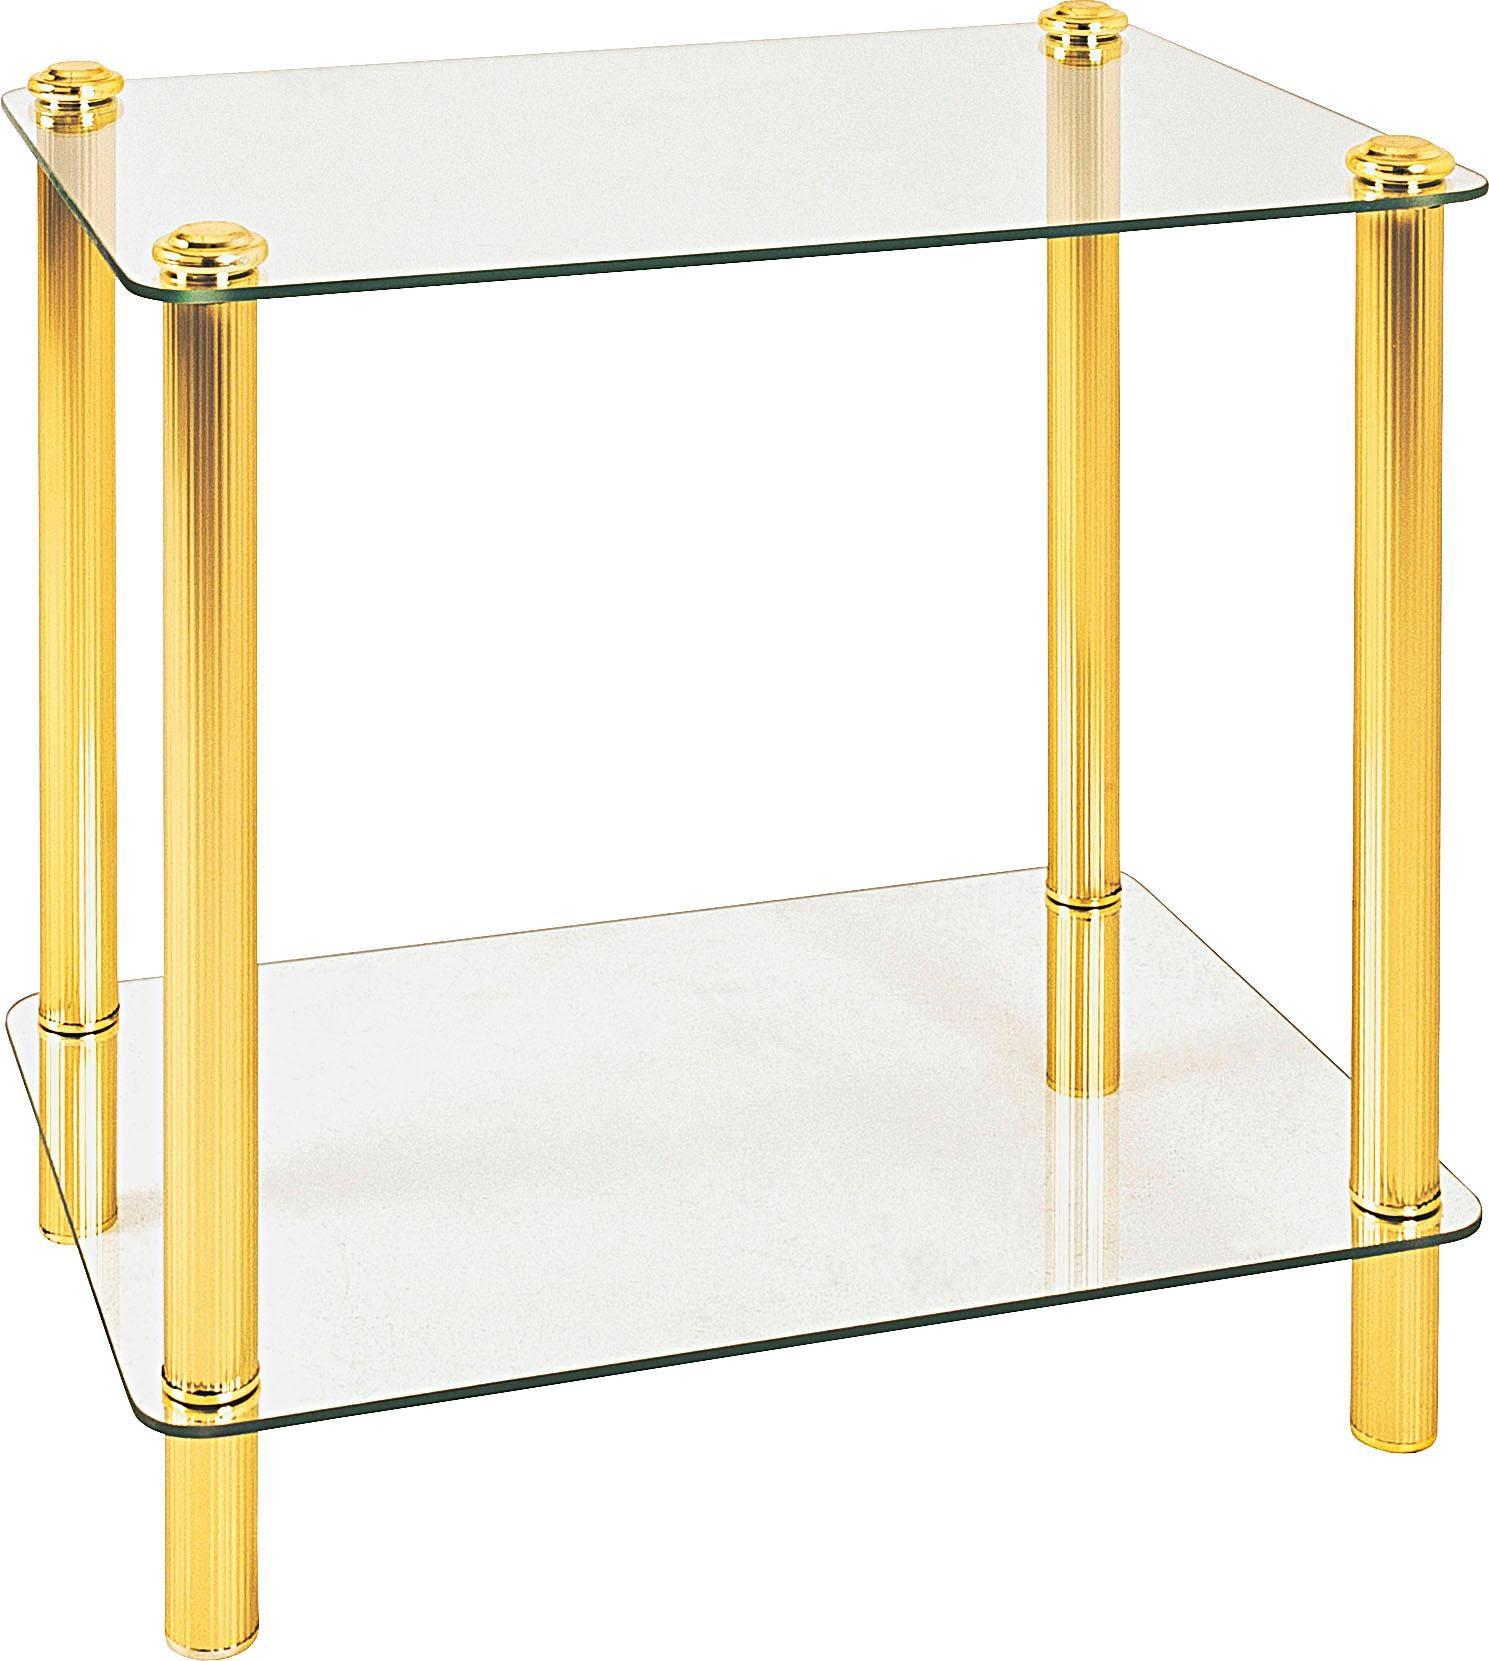 HAKU Beistelltisch Wohnen/Möbel/Tische/Beistelltische